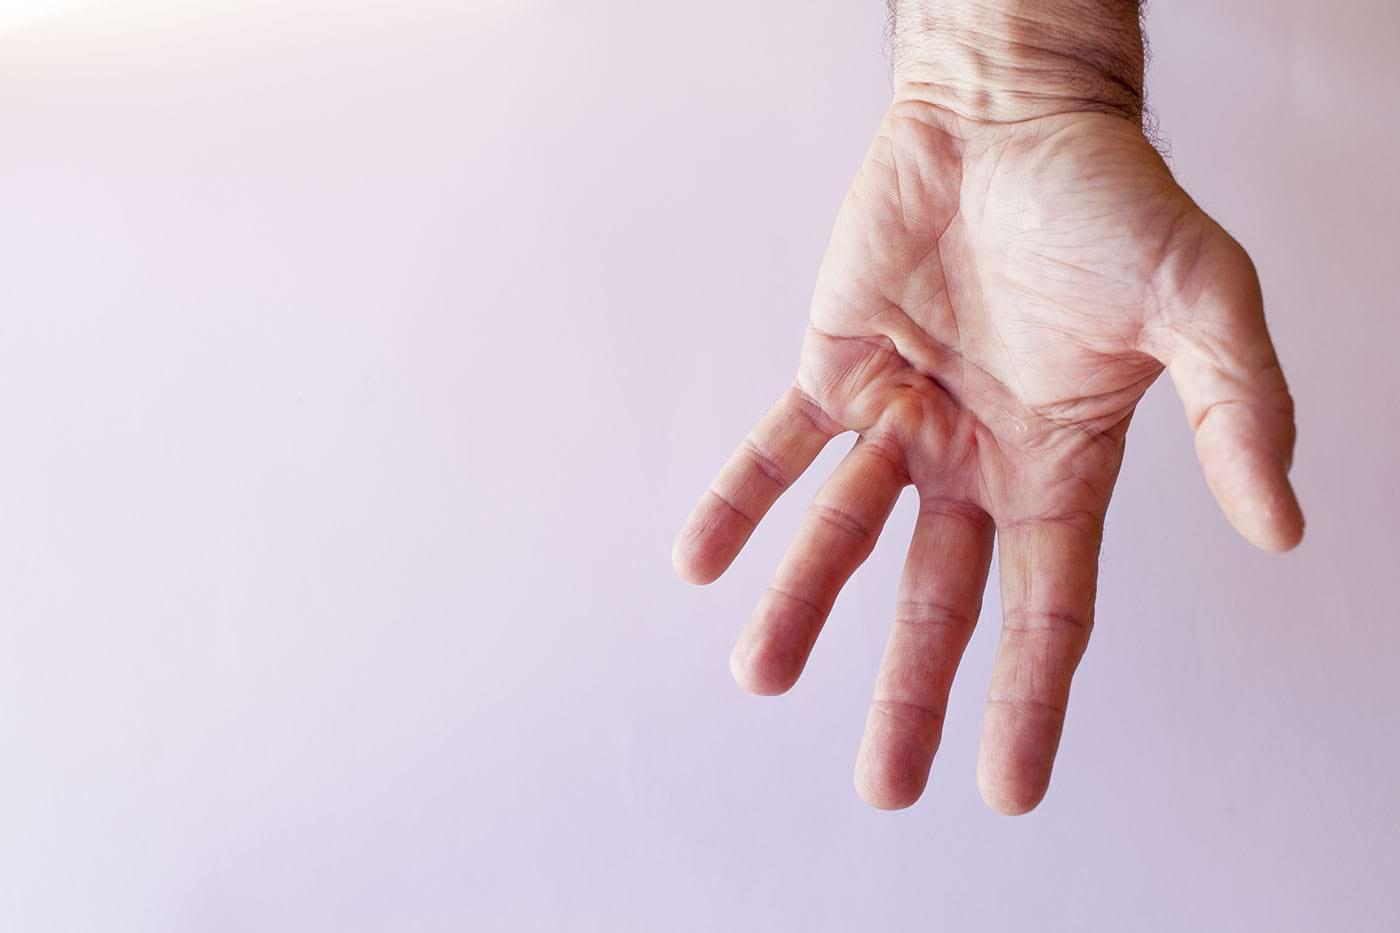 Unele medicamente pentru artrită, utile în boala Dupuytren [studiu]